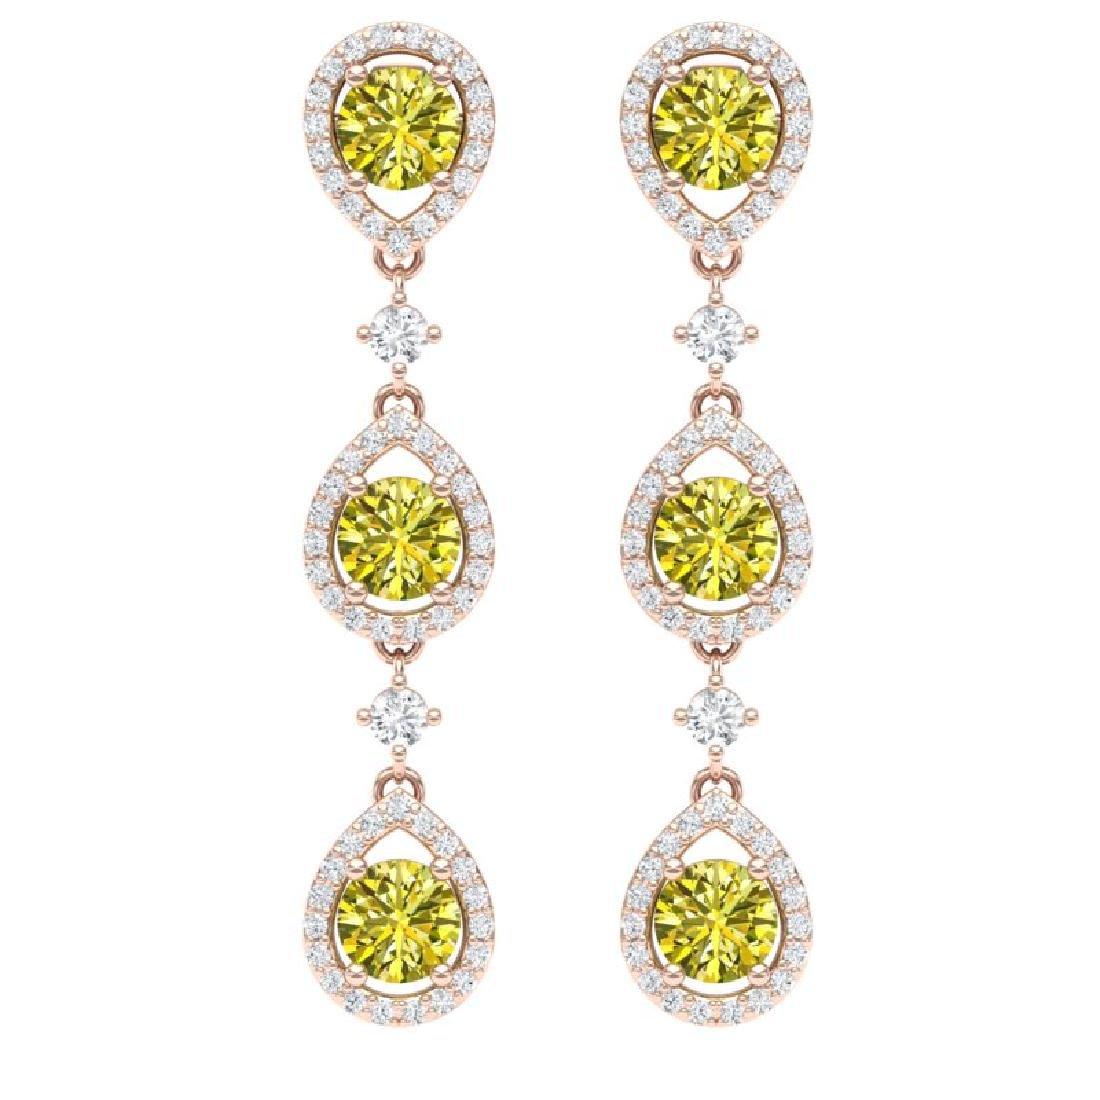 5.11 CTW Fancy Yellow SI Diamond Earrings 18K Rose Gold